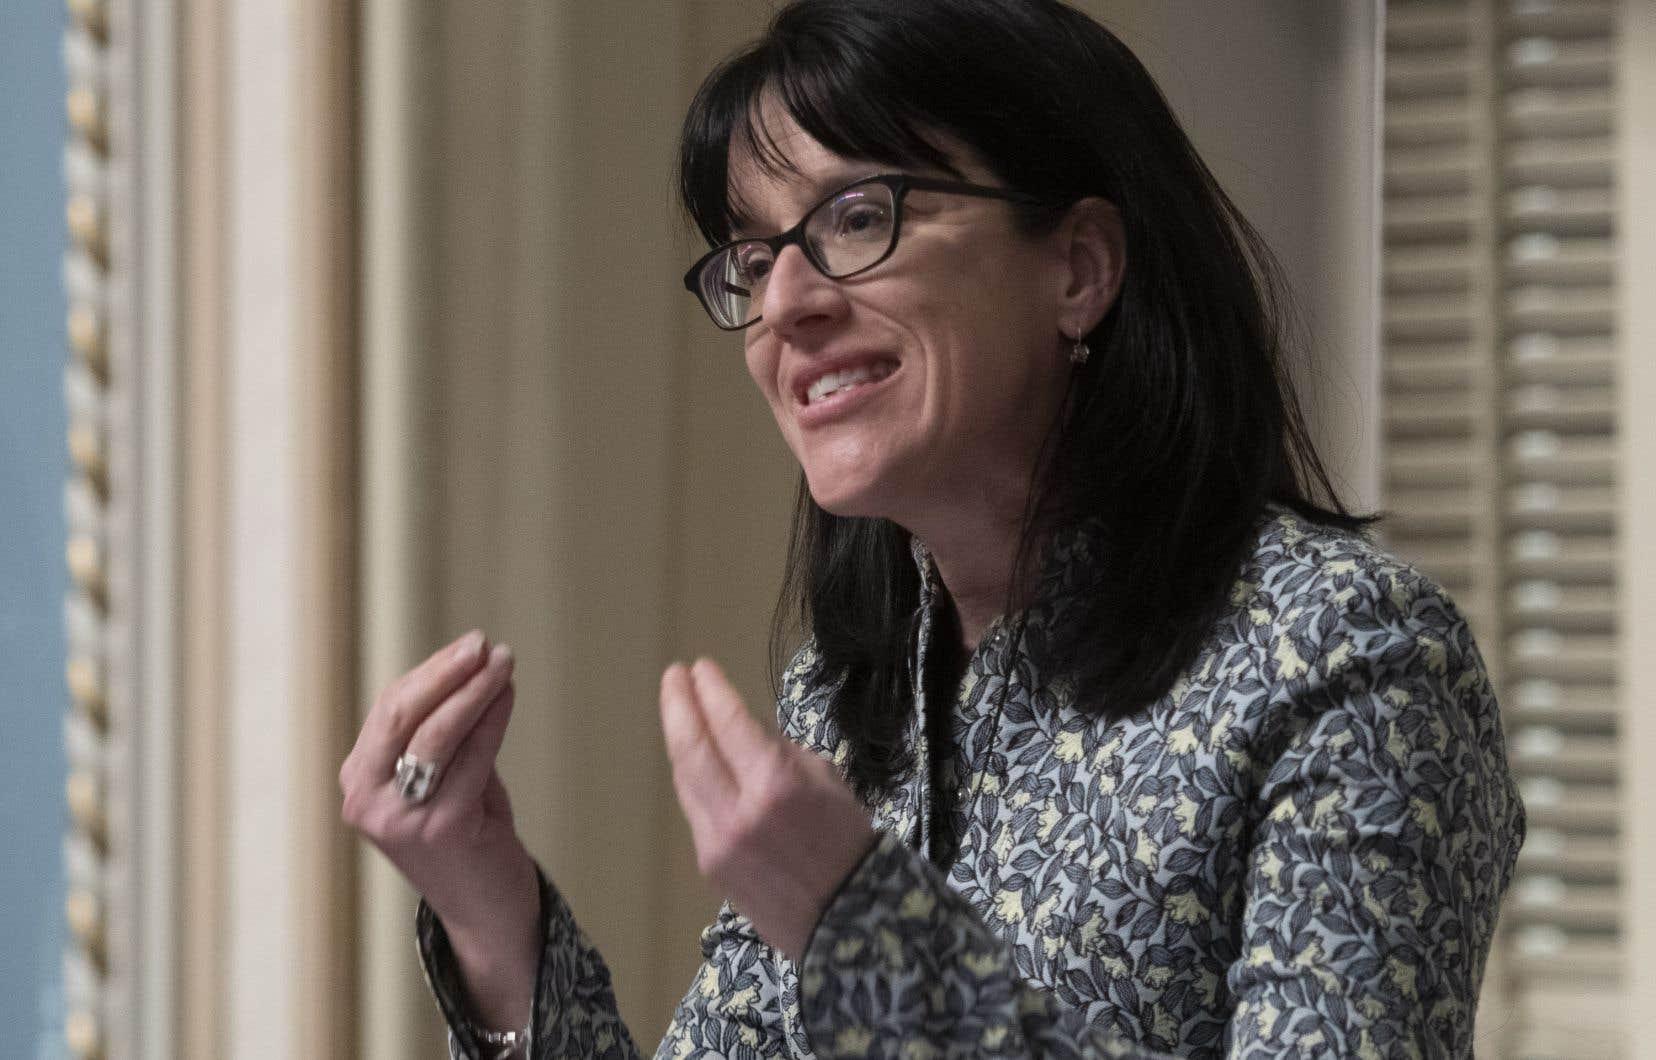 «Il n'y aura pas de référendum en 2022» sur la réforme du mode de scrutin, a déclaré sans détour la ministre Sonia LeBel.